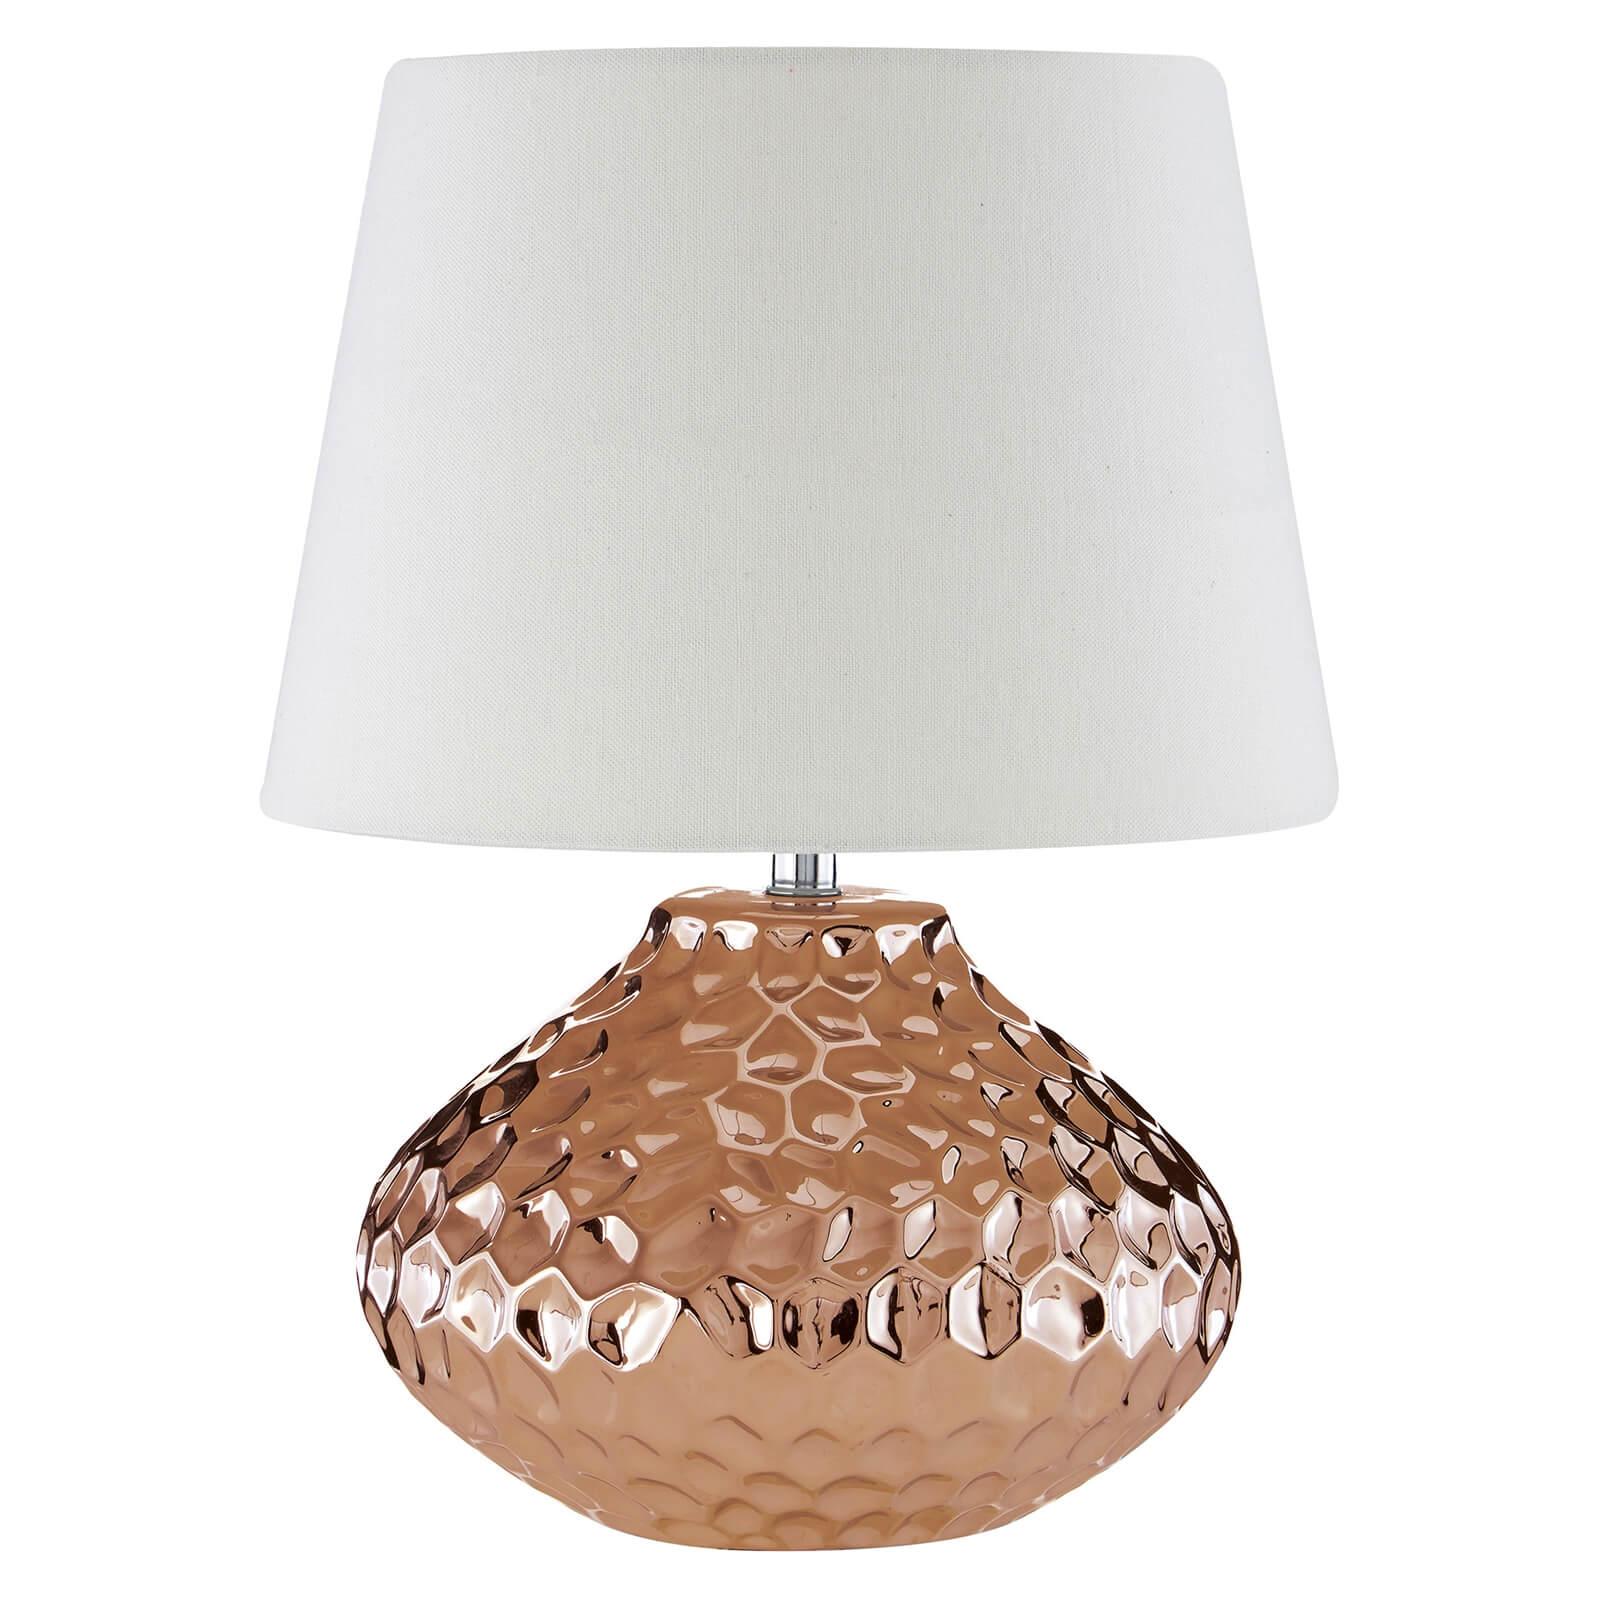 Jen Copper Ceramic Table Lamp